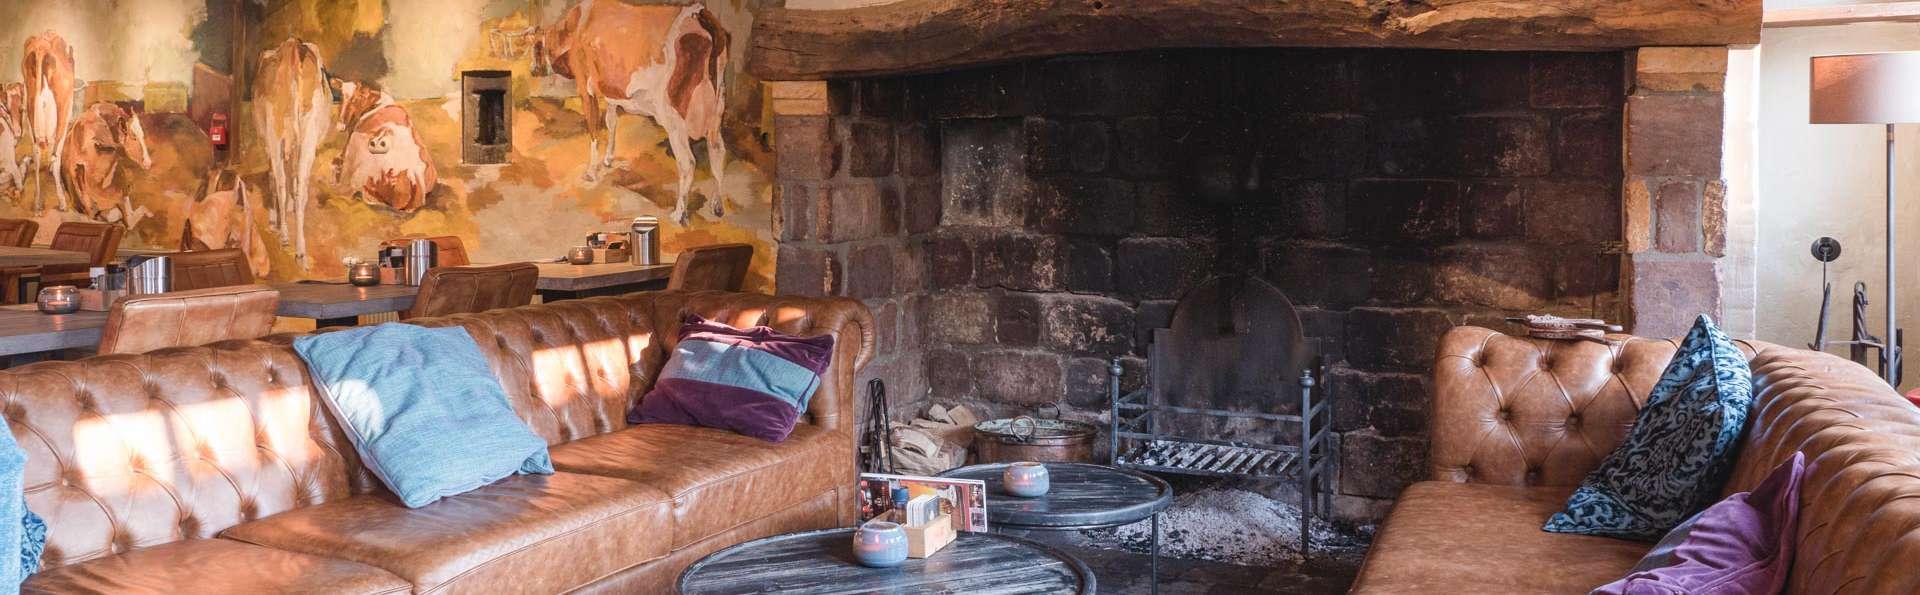 Séjour avec dîner dans une auberge historique à Bronkhorst